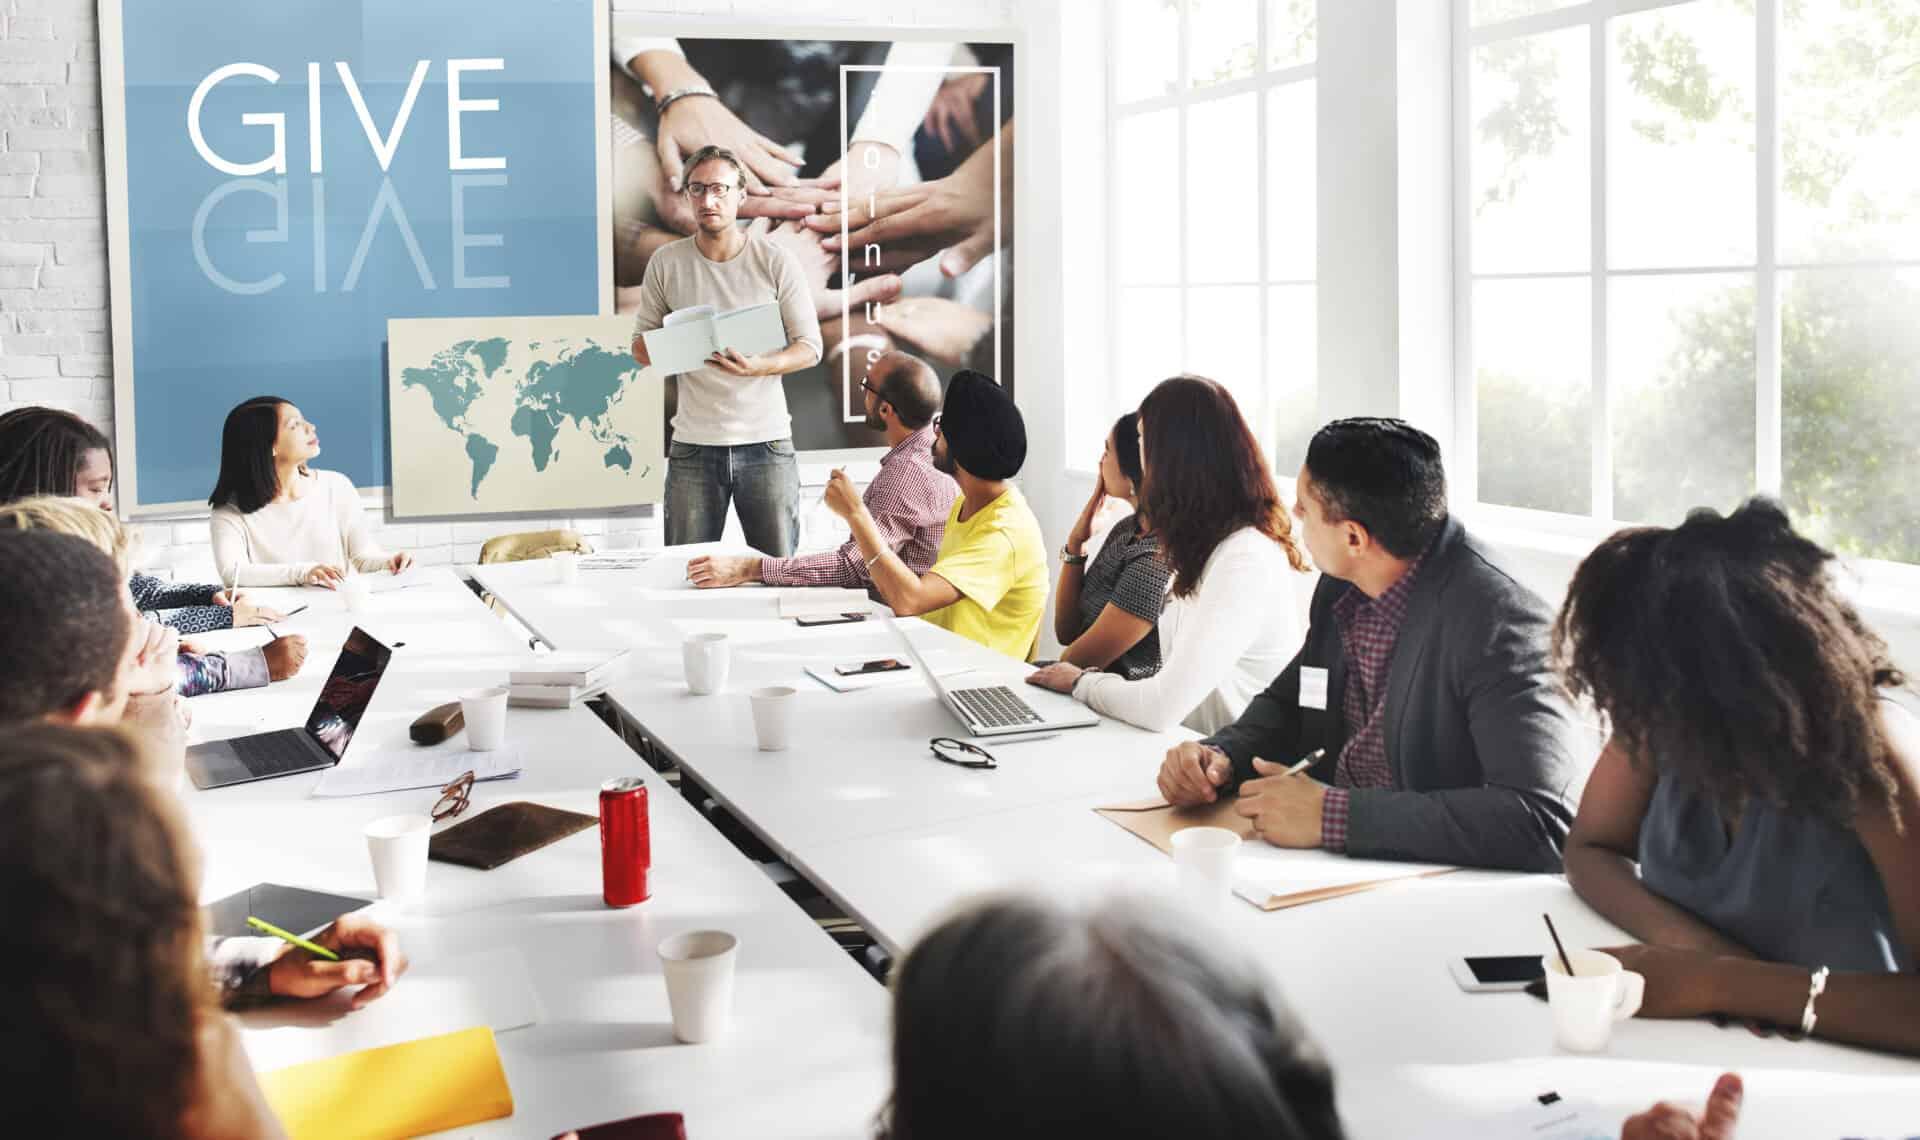 Als Unternehmen spenden: Dazu gehört auch die Beratung im Team über mögliche soziale Projekte.